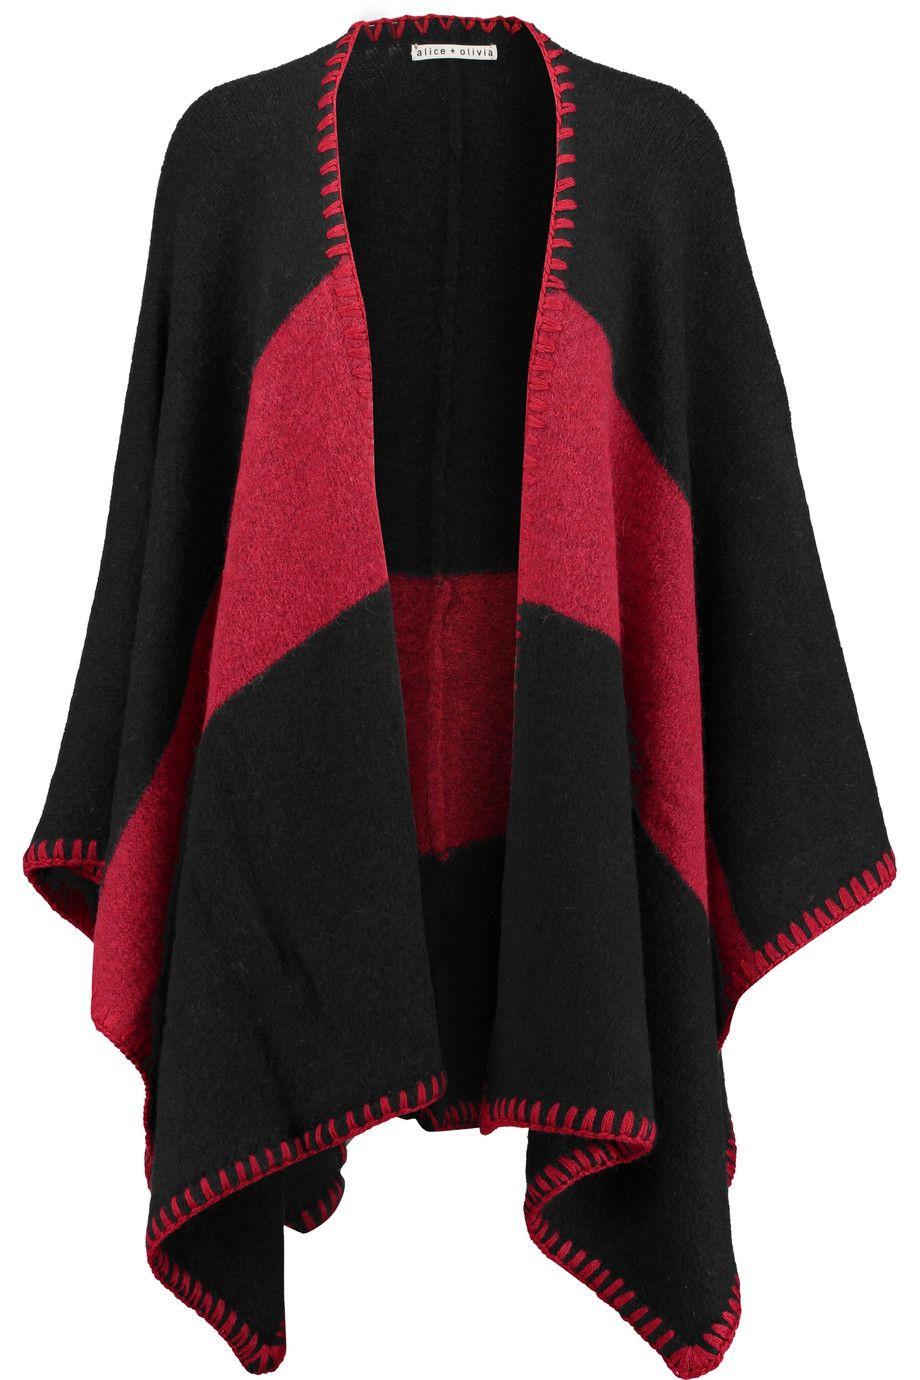 OLIVIA AND ALICE cape tone aliceandolivia two Kamala knitted 5Pf4UnfWT